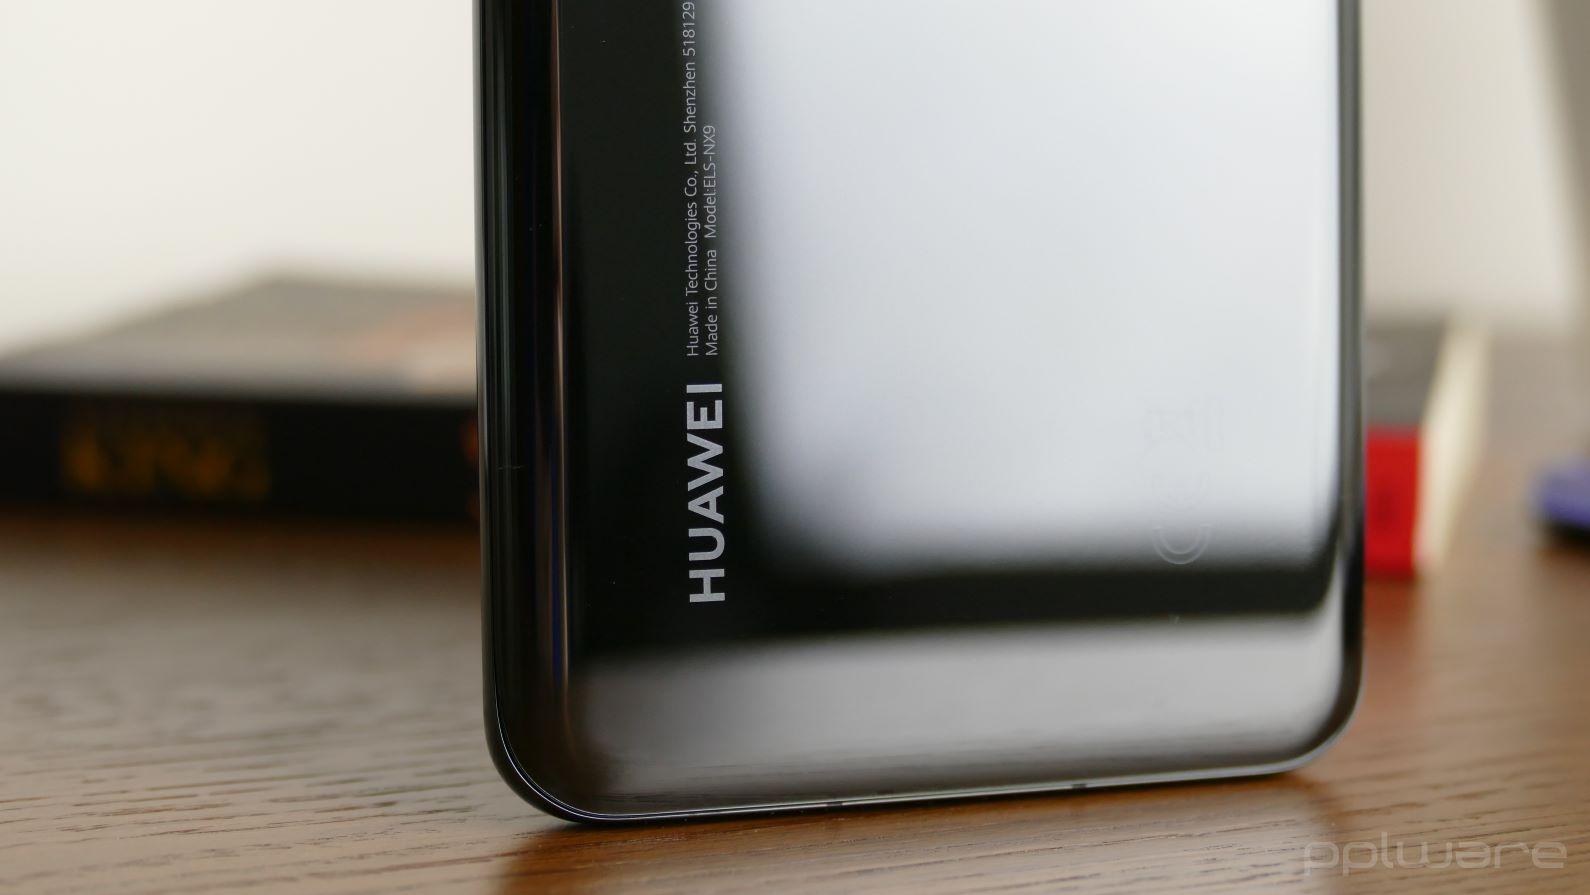 Próximo smartphone 5G da Huawei poderá vir equipado com processador MediaTek